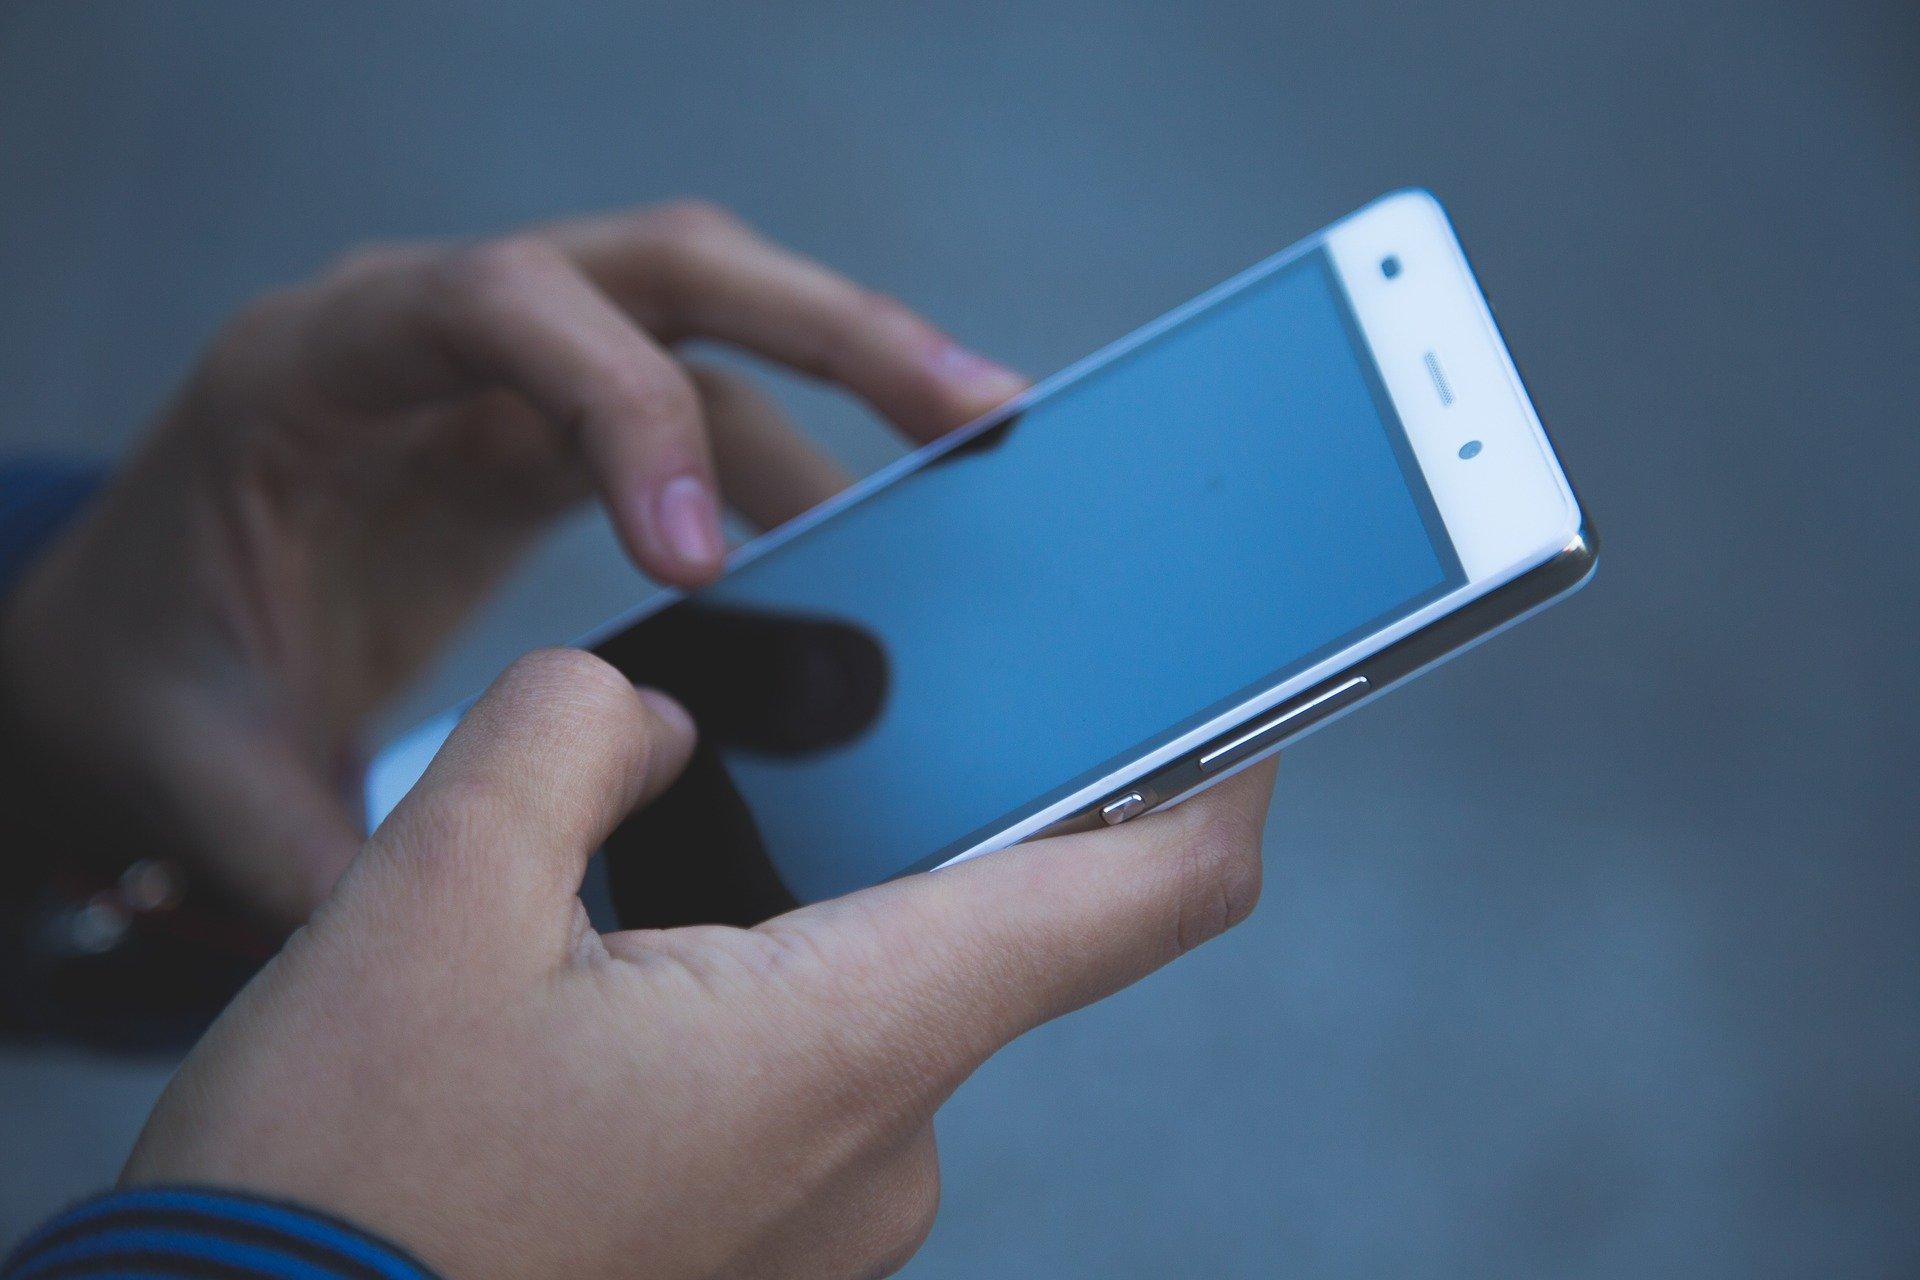 comment bloquer un téléphone perdu - Blog SFAM